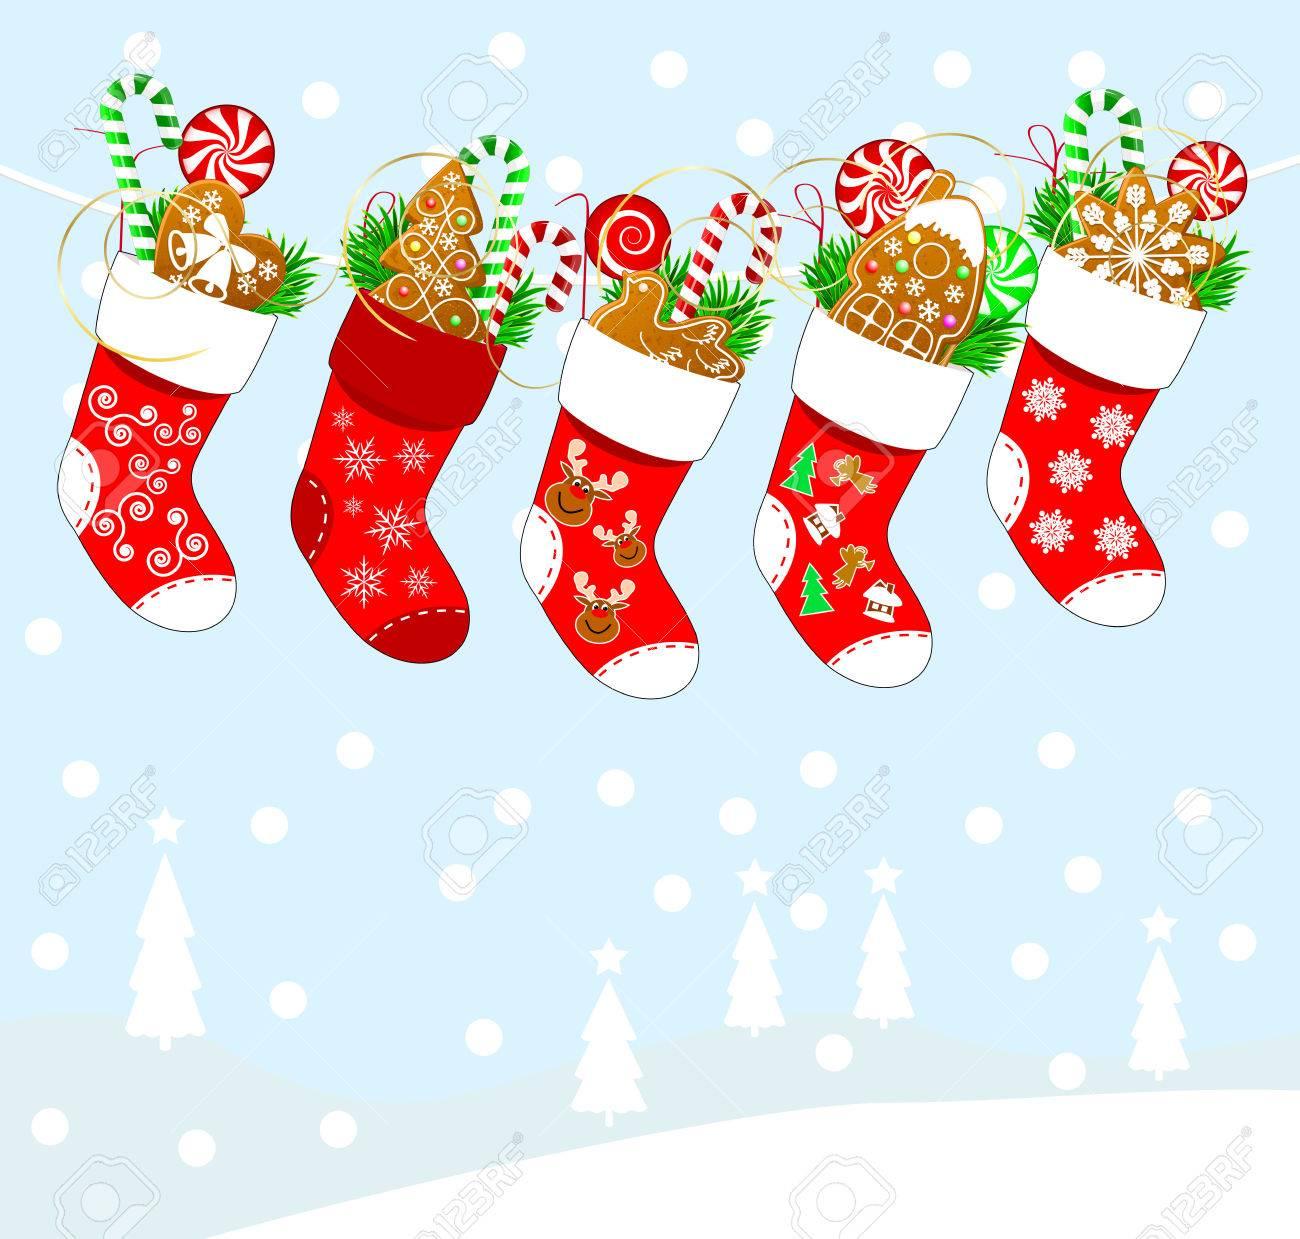 Weihnachten Socken Mit Süßigkeiten. Weihnachtssocken Für Geschenke ...